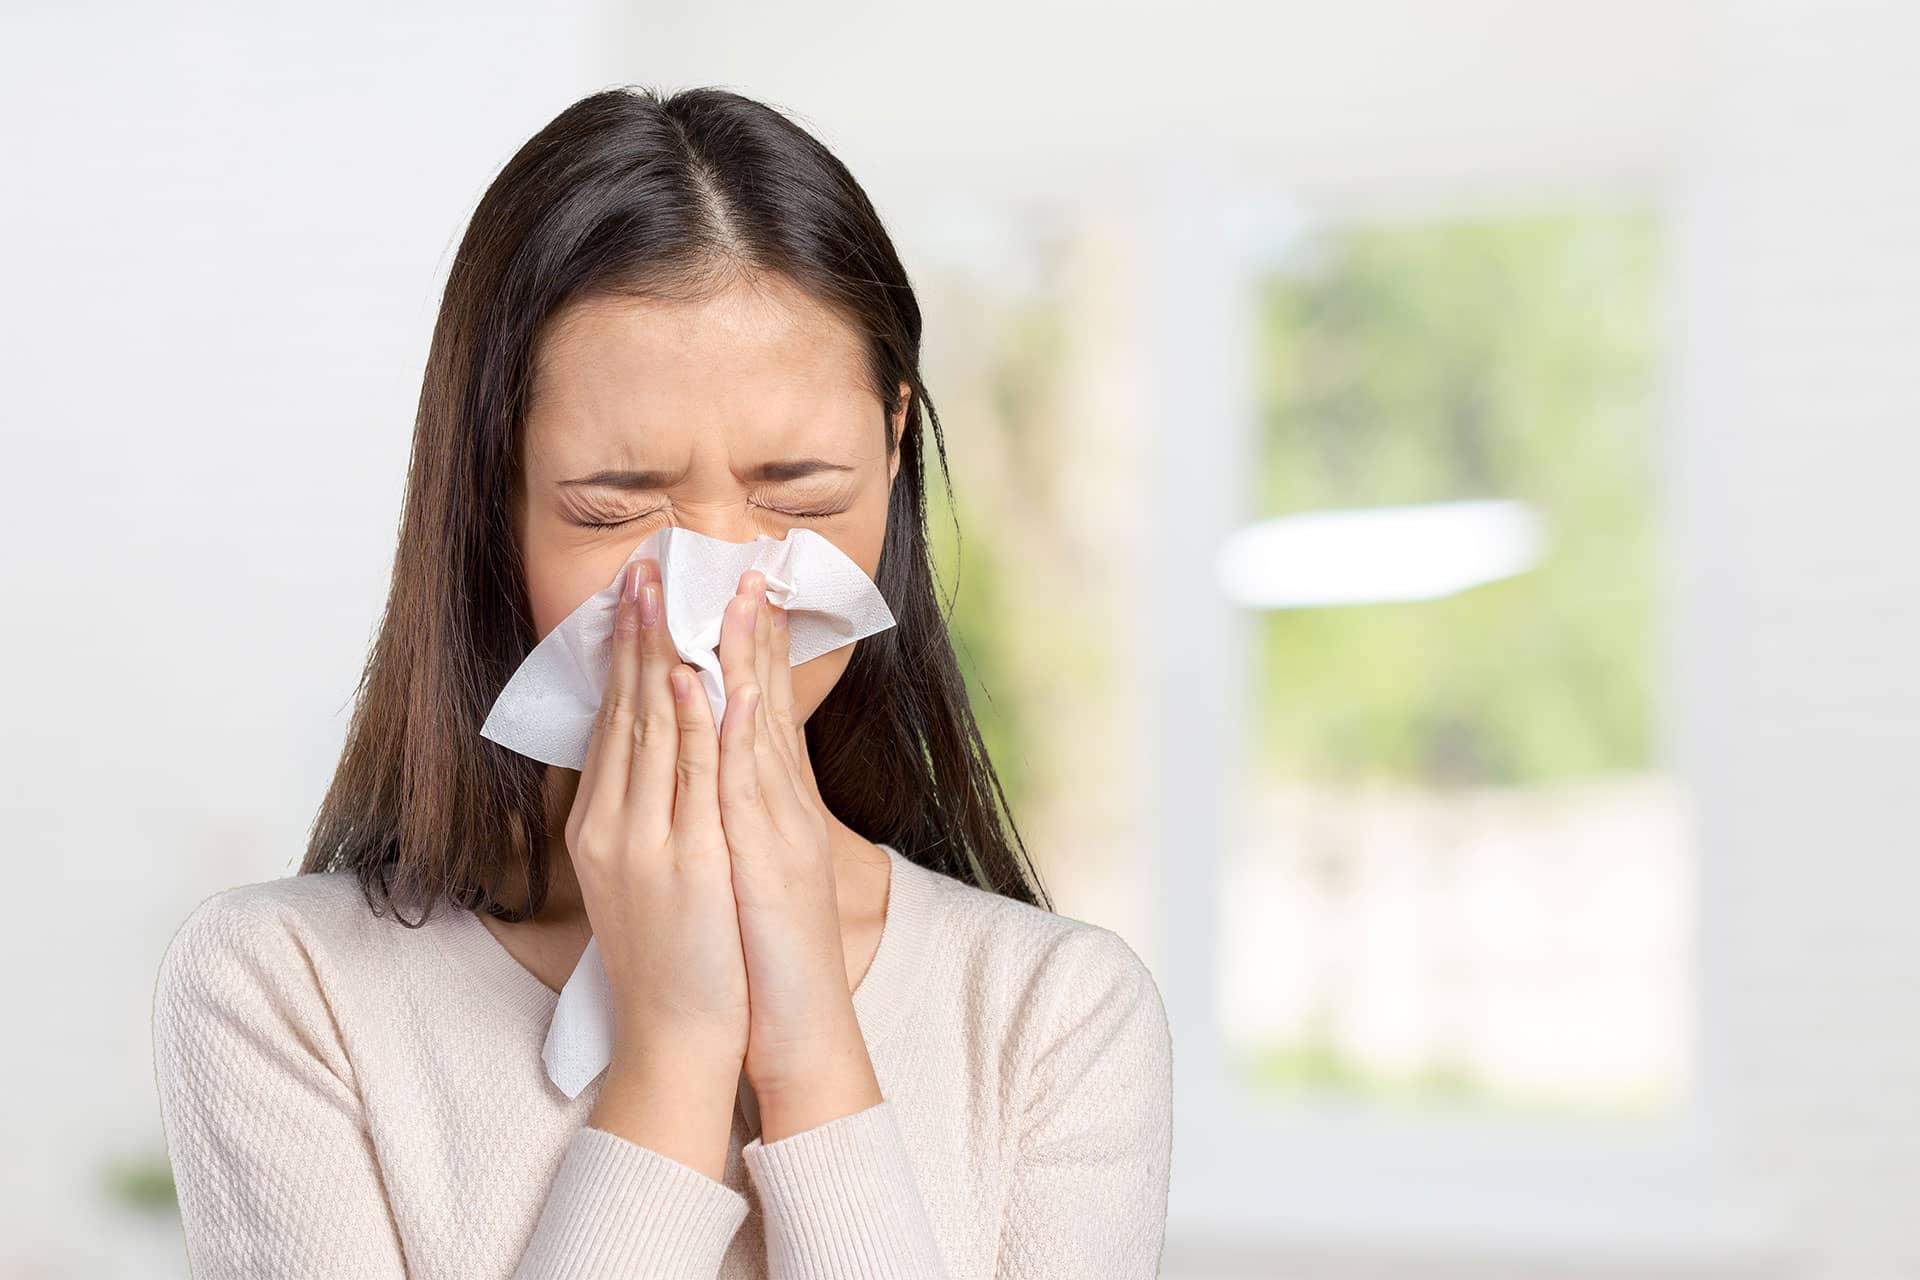 Raceala poate fi cauzata de aerul conditionat?